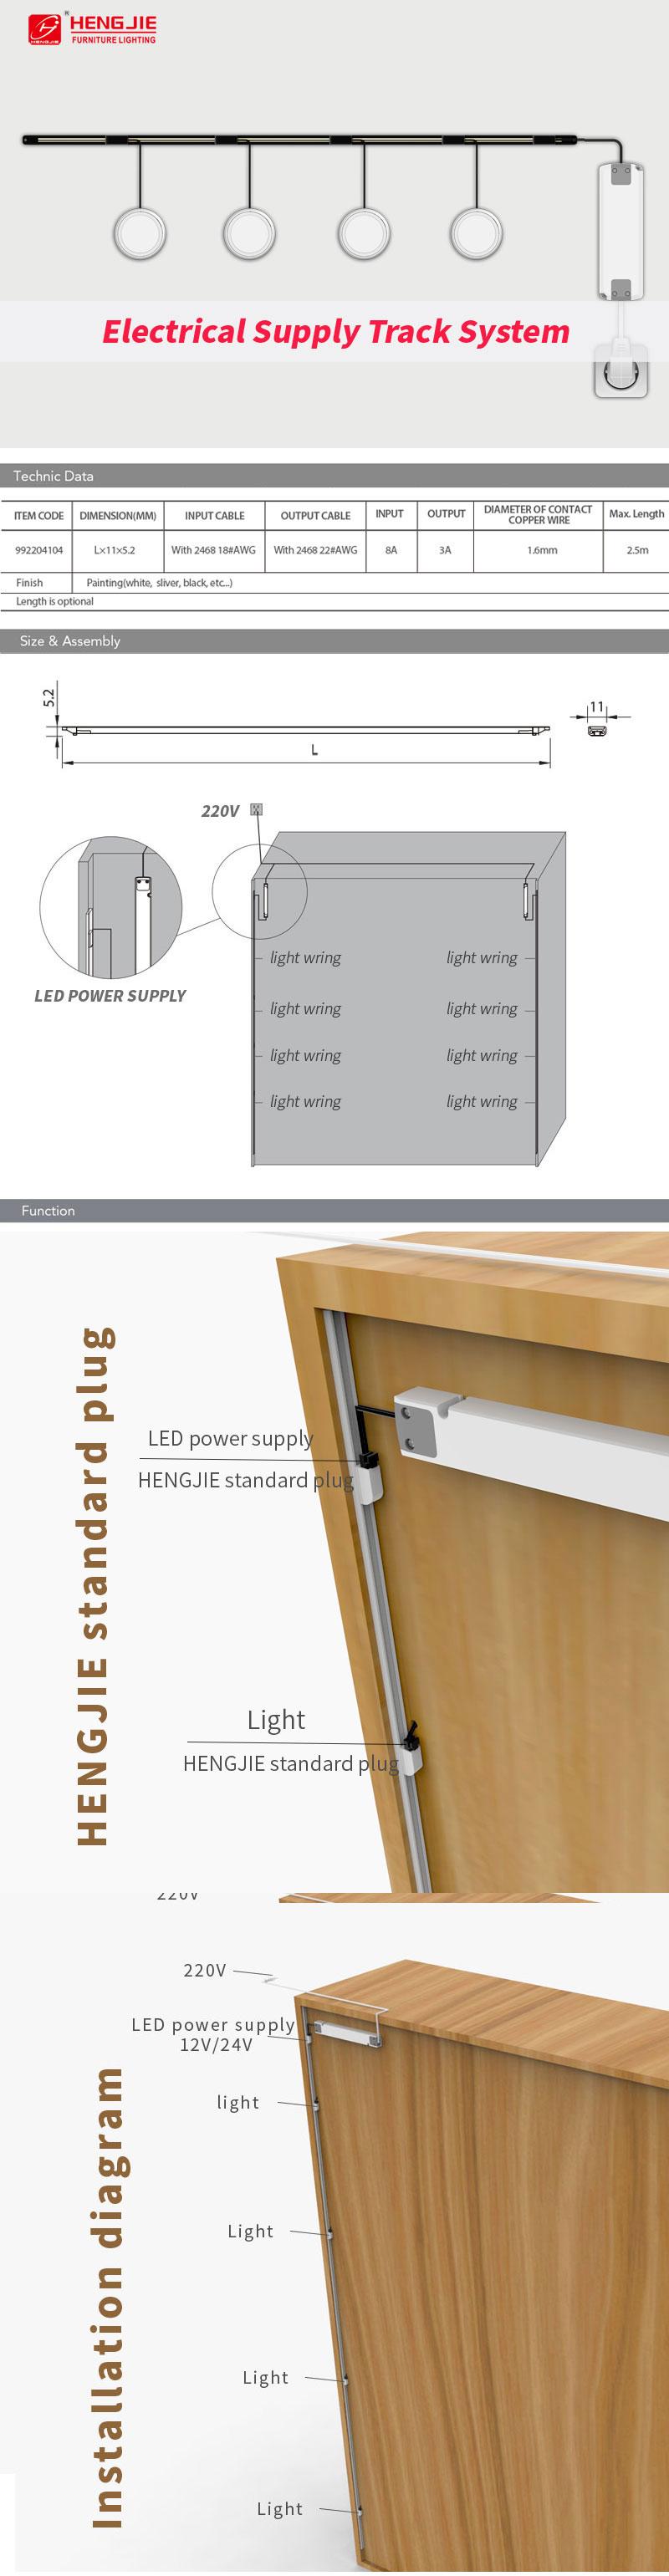 wholesale display shelf,display cabinet,display shelf LED Light/Electrical Supply Track System,cooler light supplier&manufacturer,china oem cooler light factory